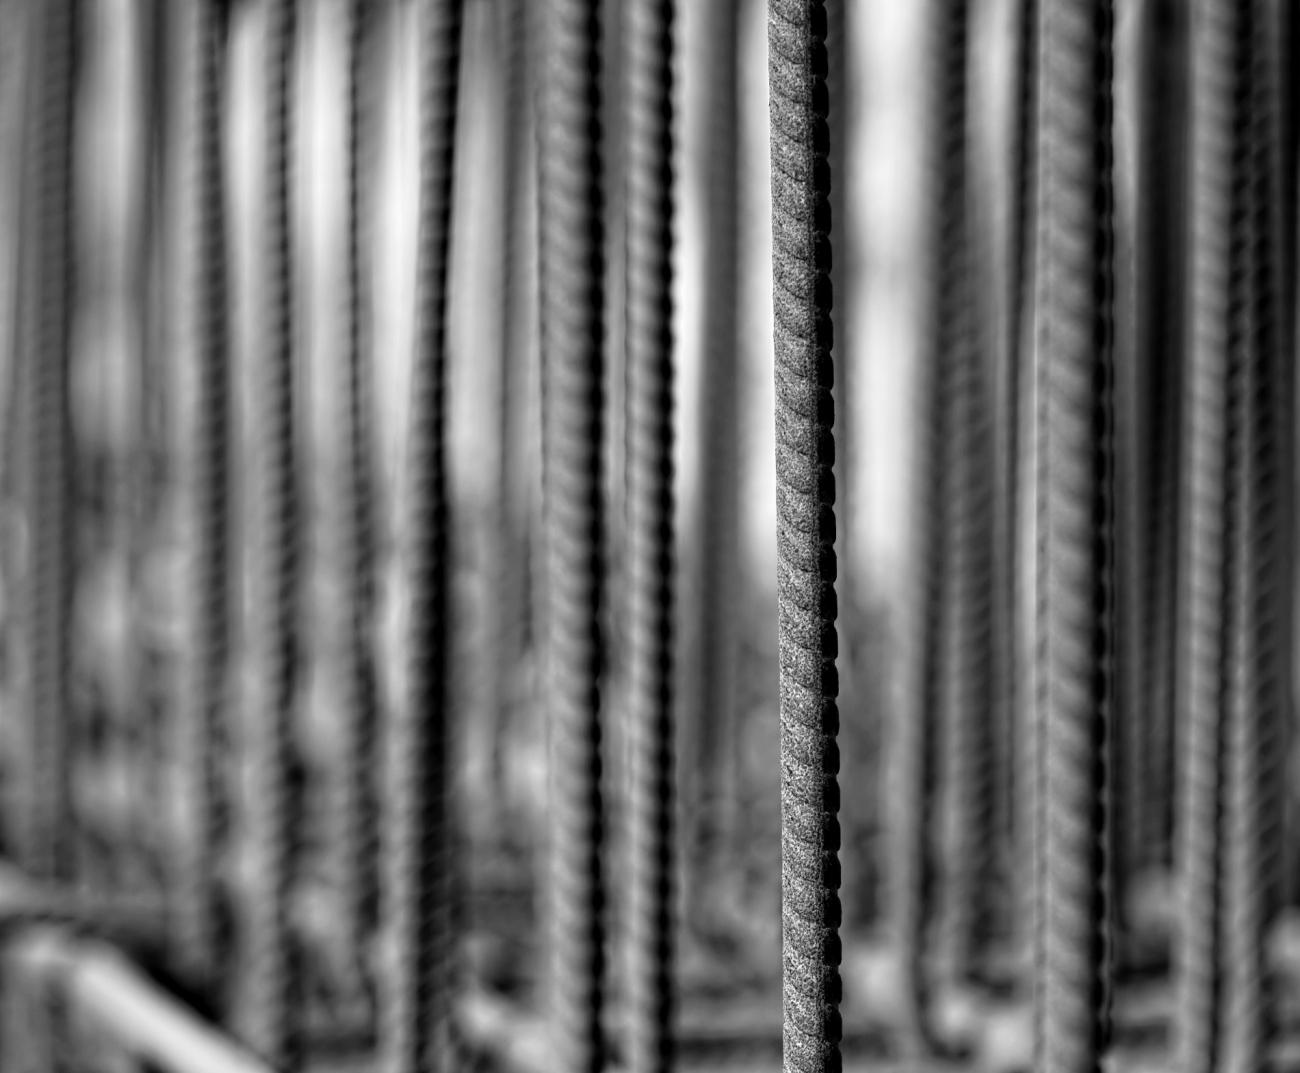 tige de fer, béton, chantier, noir et blanc